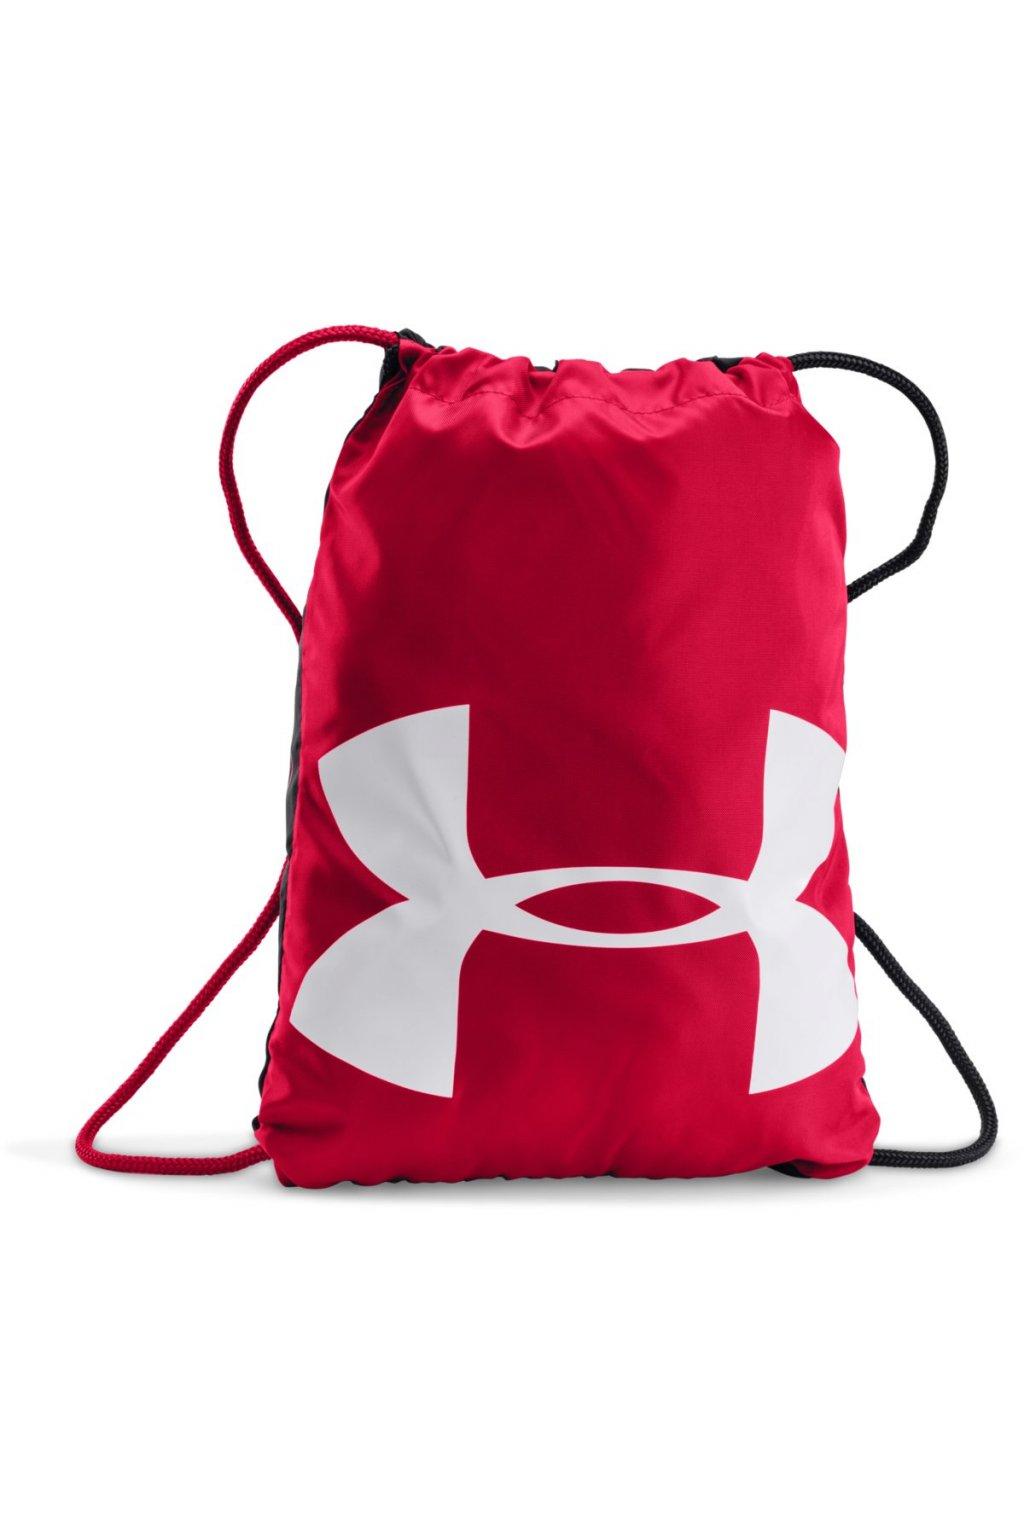 taska ua ozsee sackpack cervena 1240539 (1)